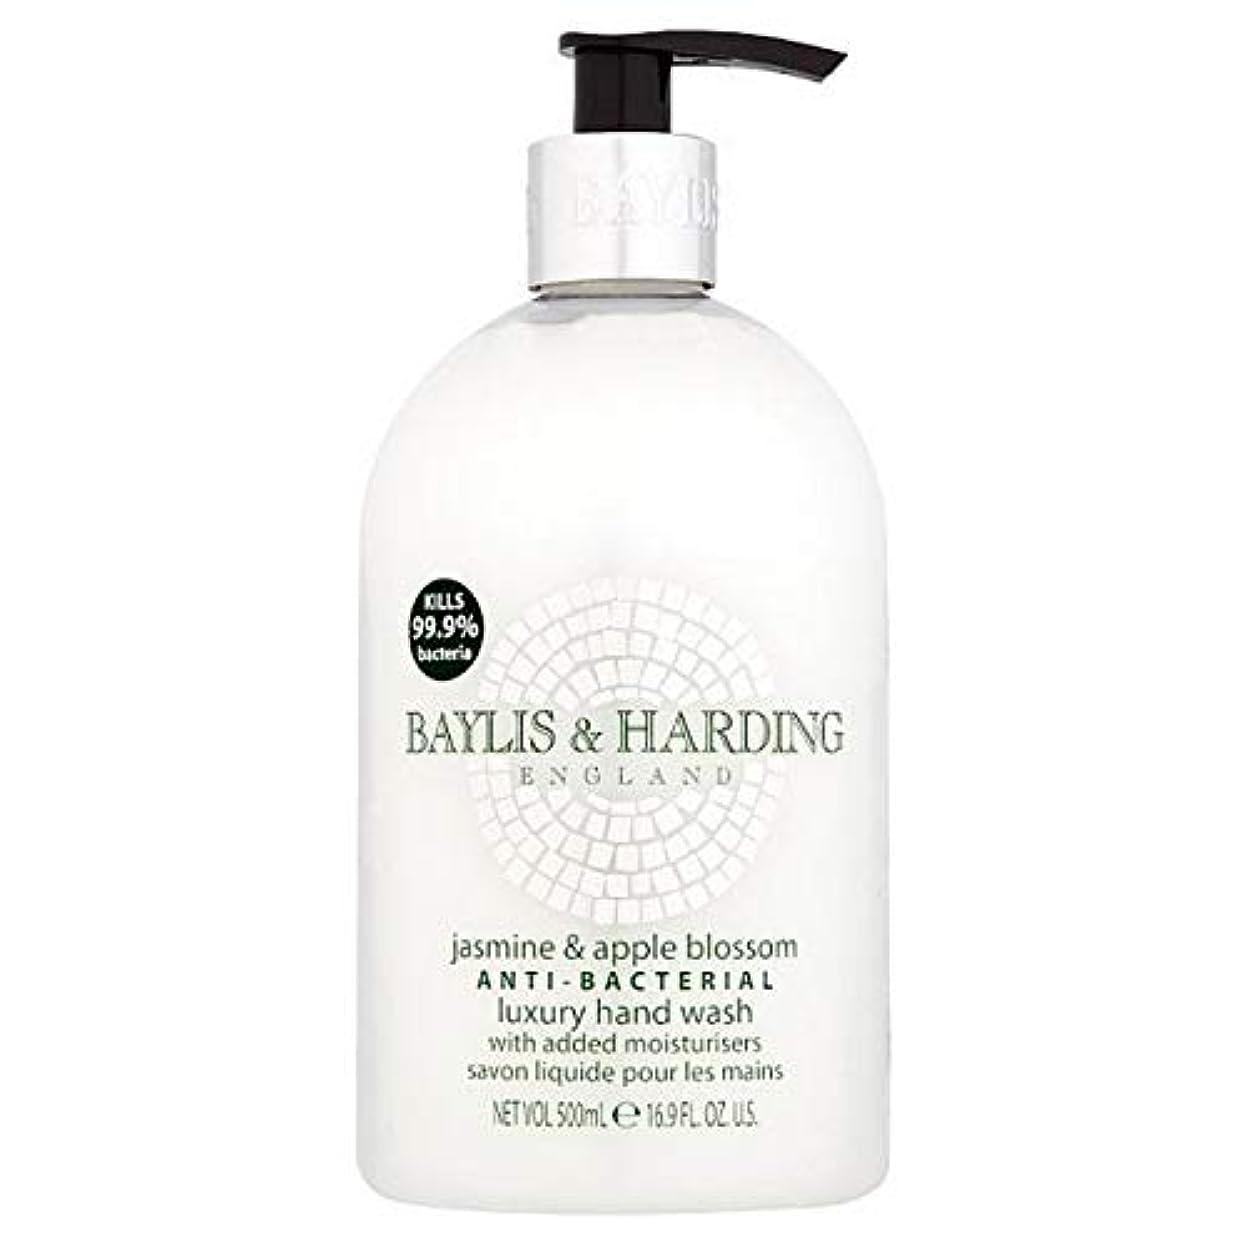 農村粒理容師[Baylis & Harding ] ベイリス&ハーディング署名抗菌手洗い用500ミリリットル - Baylis & Harding Signature Antibacterial Hand Wash 500ml [並行輸入品]